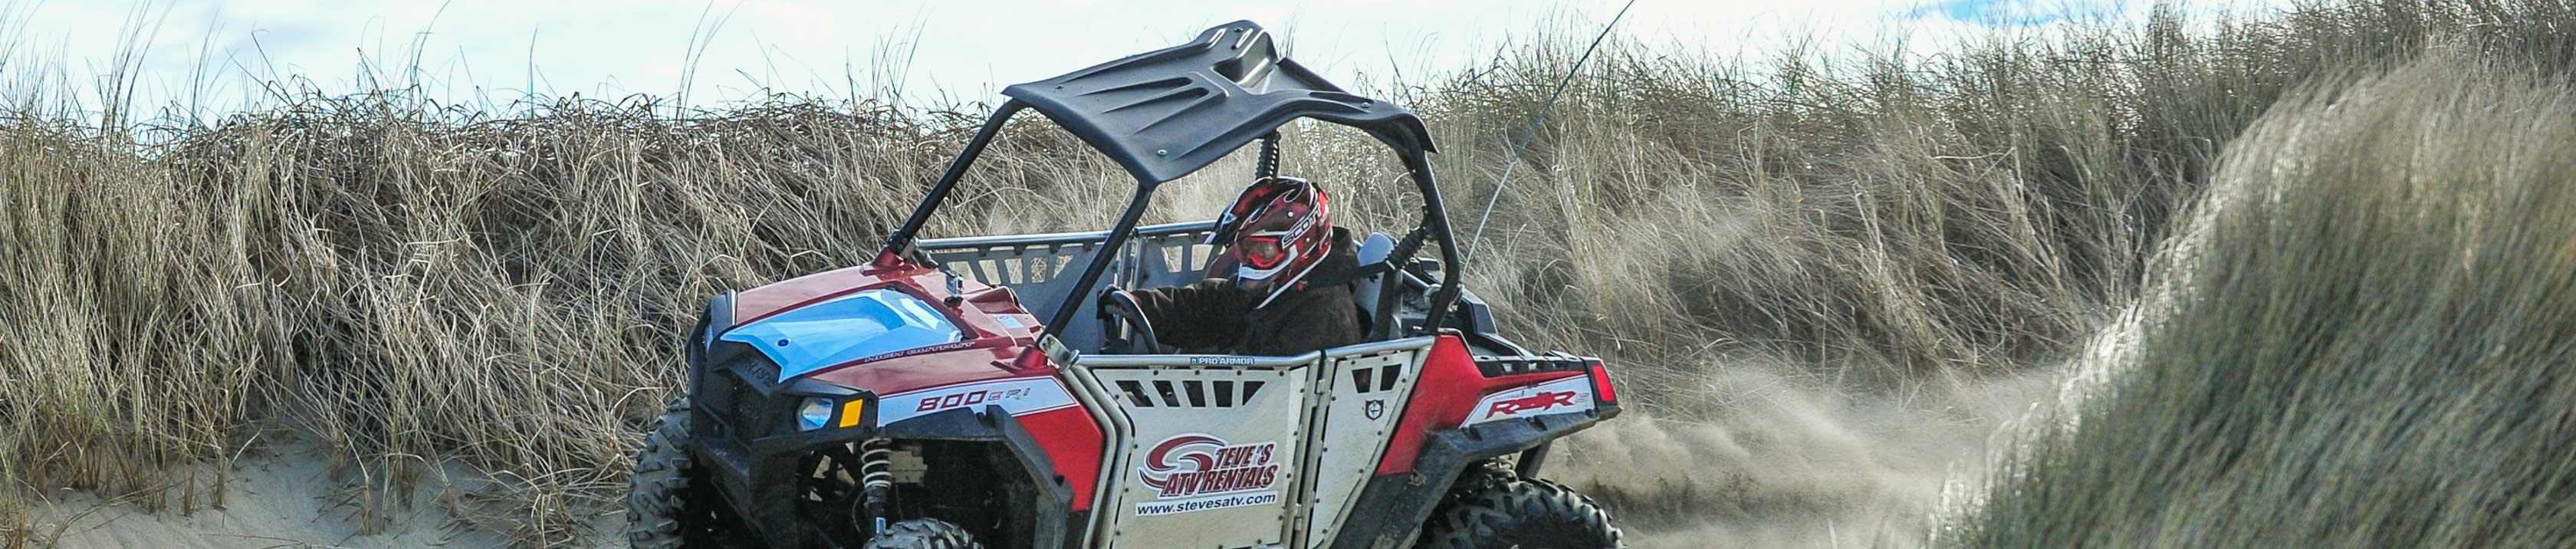 Guest riding a Polaris RZR 800-4 through grassy area